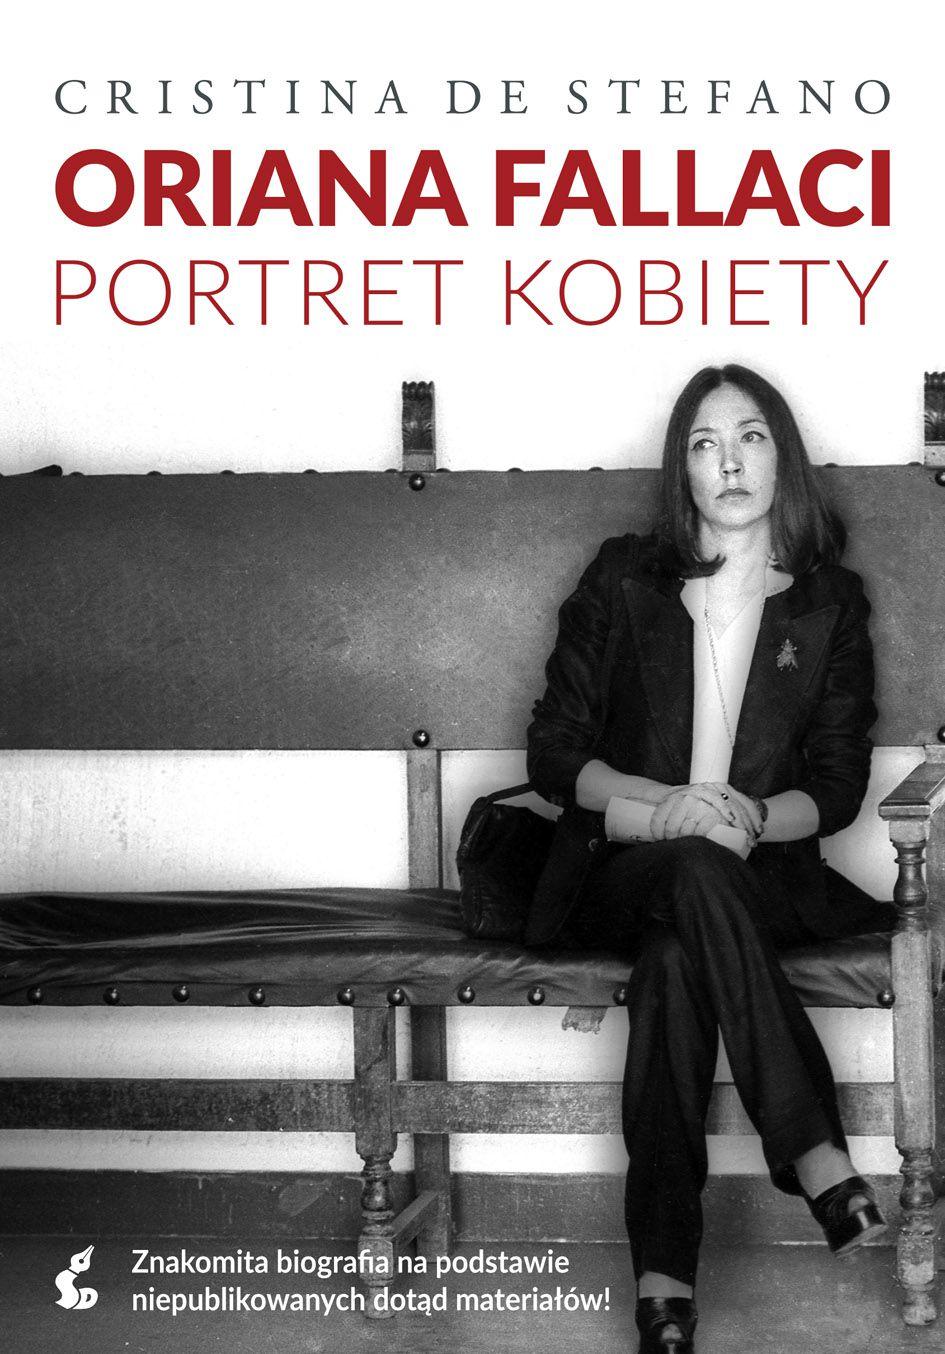 Oriana Fallaci. Portret kobiety - Ebook (Książka EPUB) do pobrania w formacie EPUB